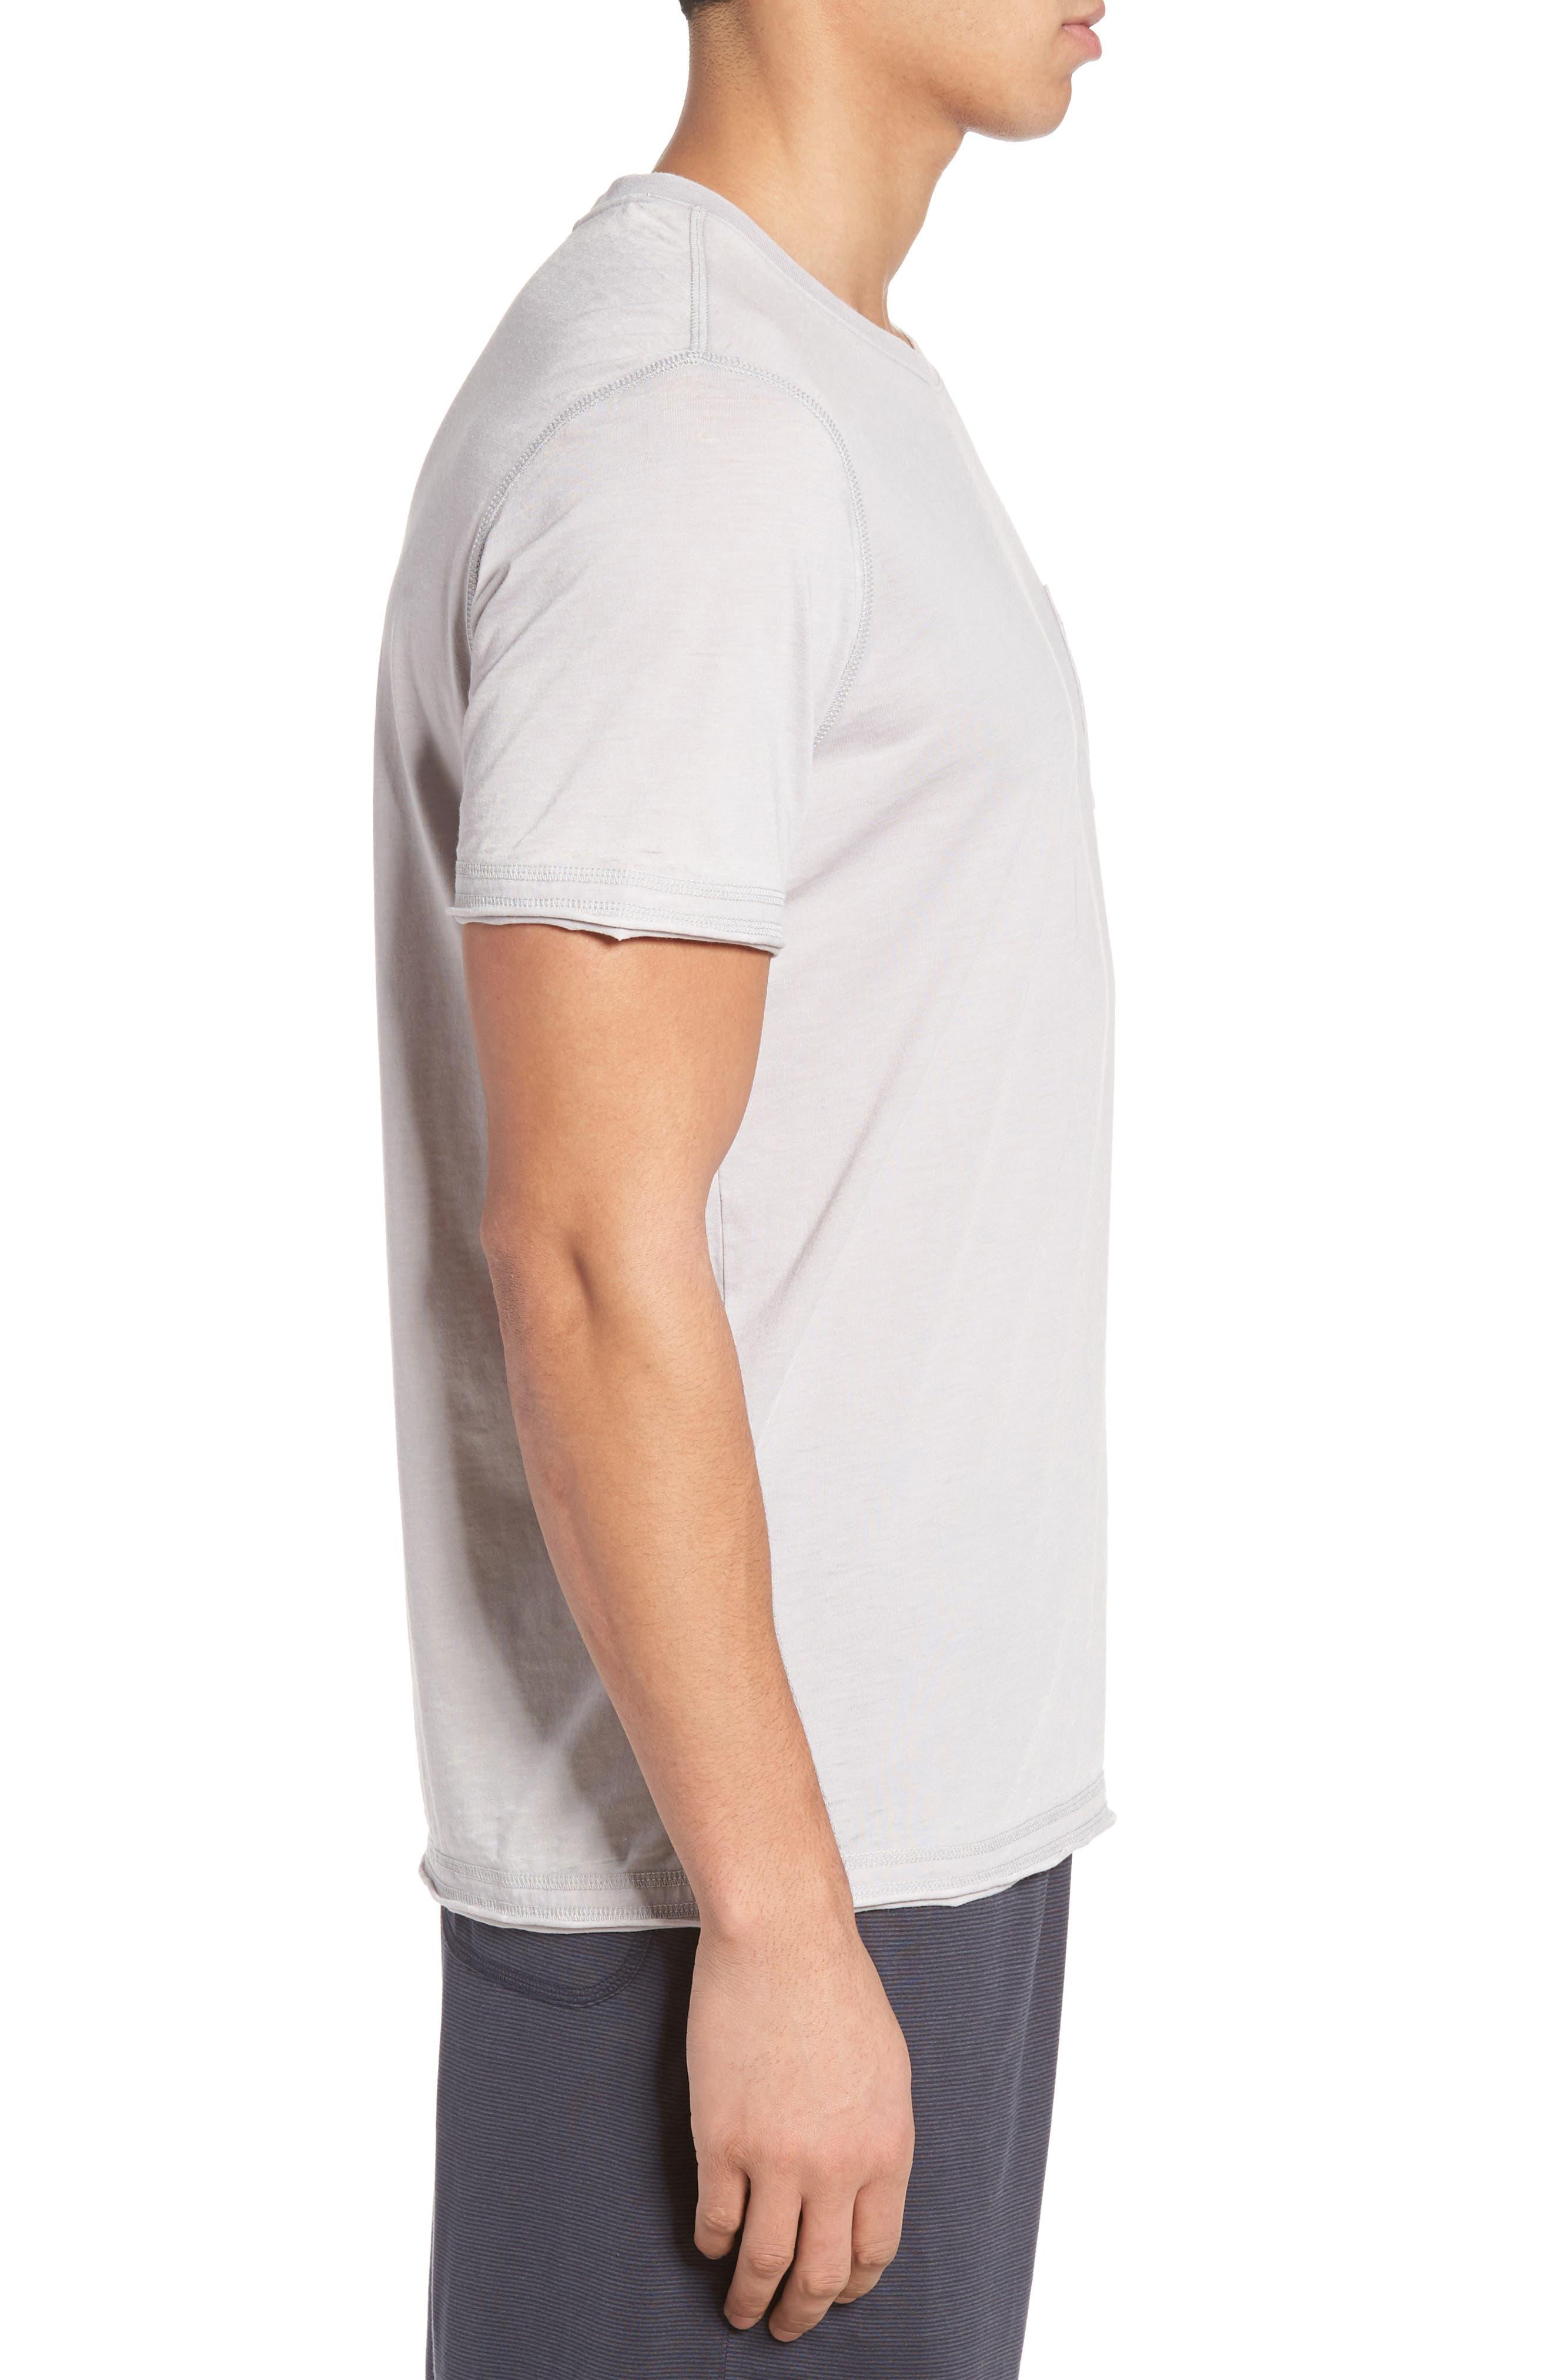 Alternate Image 3  - Daniel Buchler Burnout Cotton Blend Crewneck T-Shirt